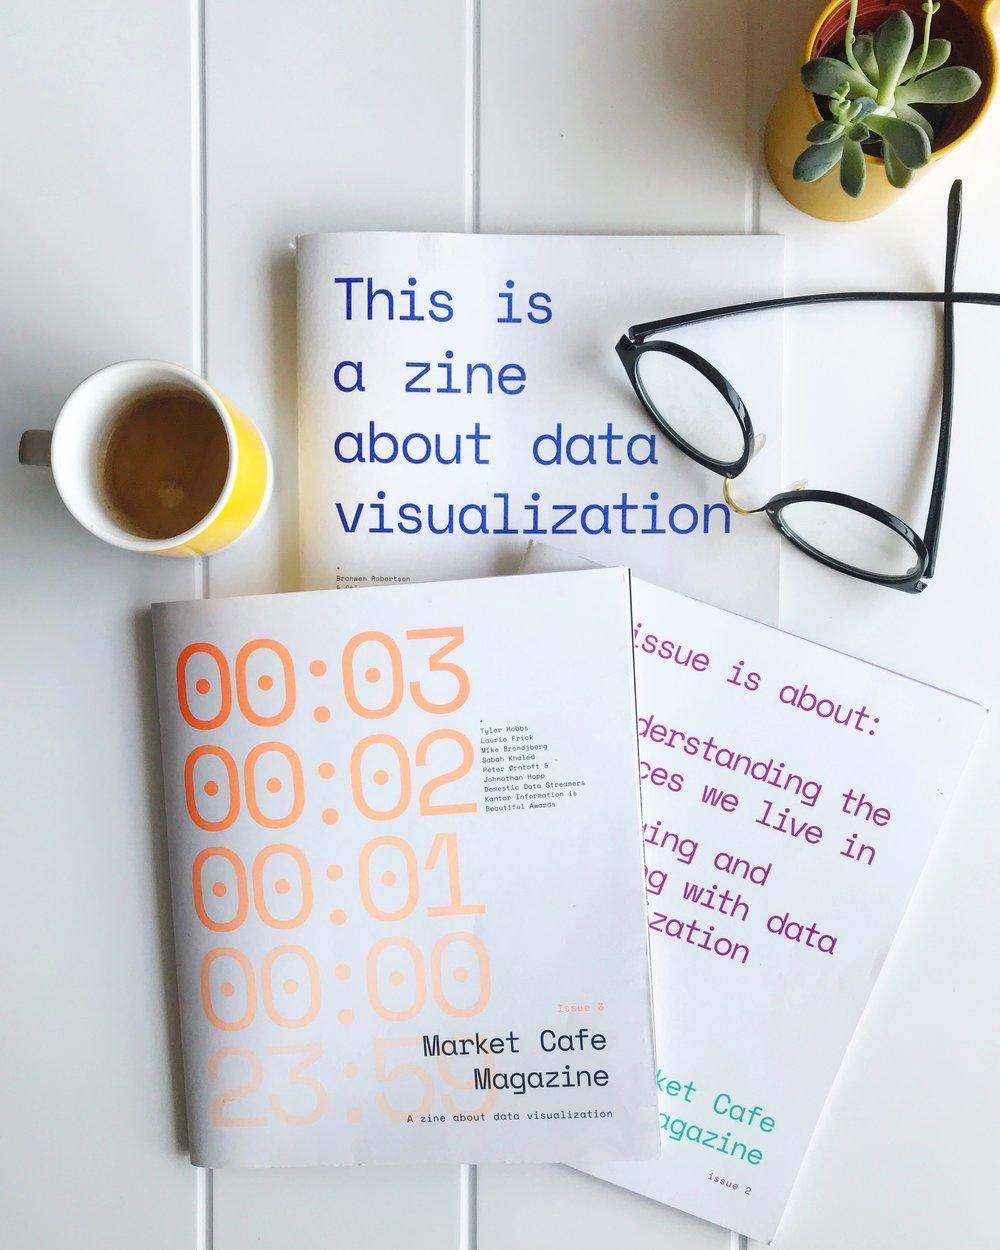 Market Cafe Magazine